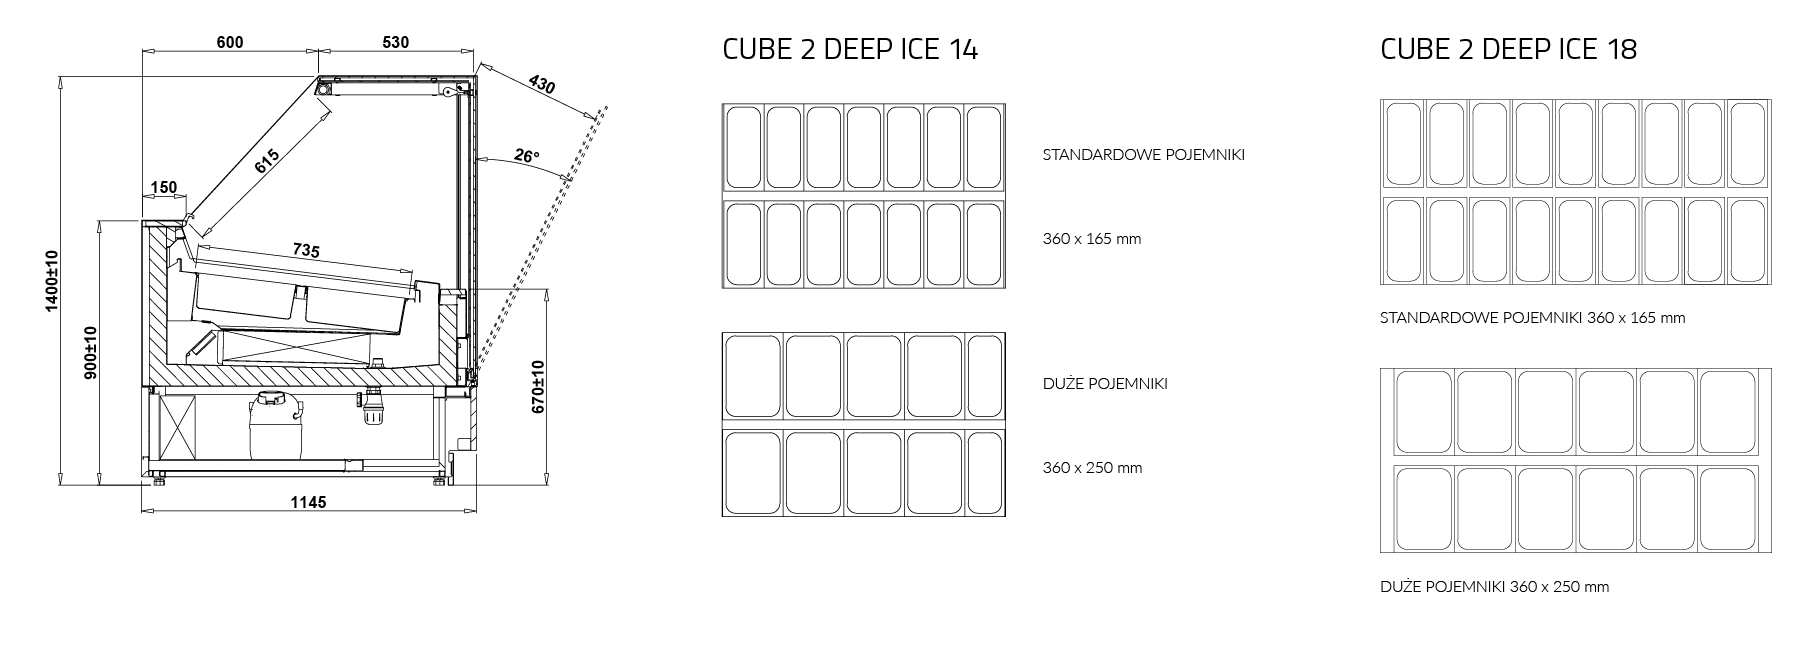 Технический чертеж Салатные витрины CUBE 2 DEEP ICE MOD C